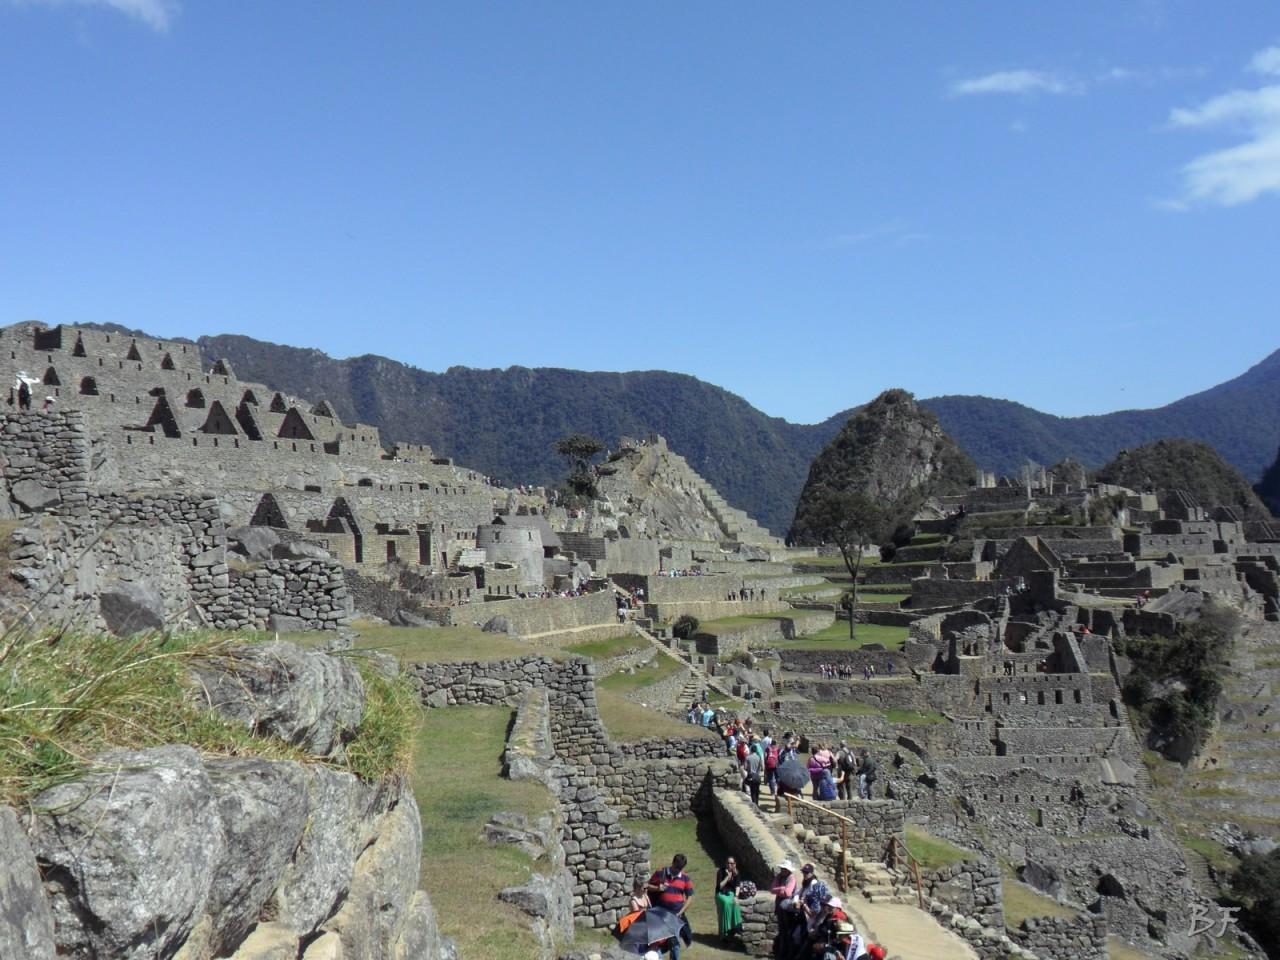 Mura-Poligonali-Incisioni-Altari-Edifici-Rupestri-Megaliti-Machu-Picchu-Aguas-Calientes-Urubamba-Cusco-Perù-12